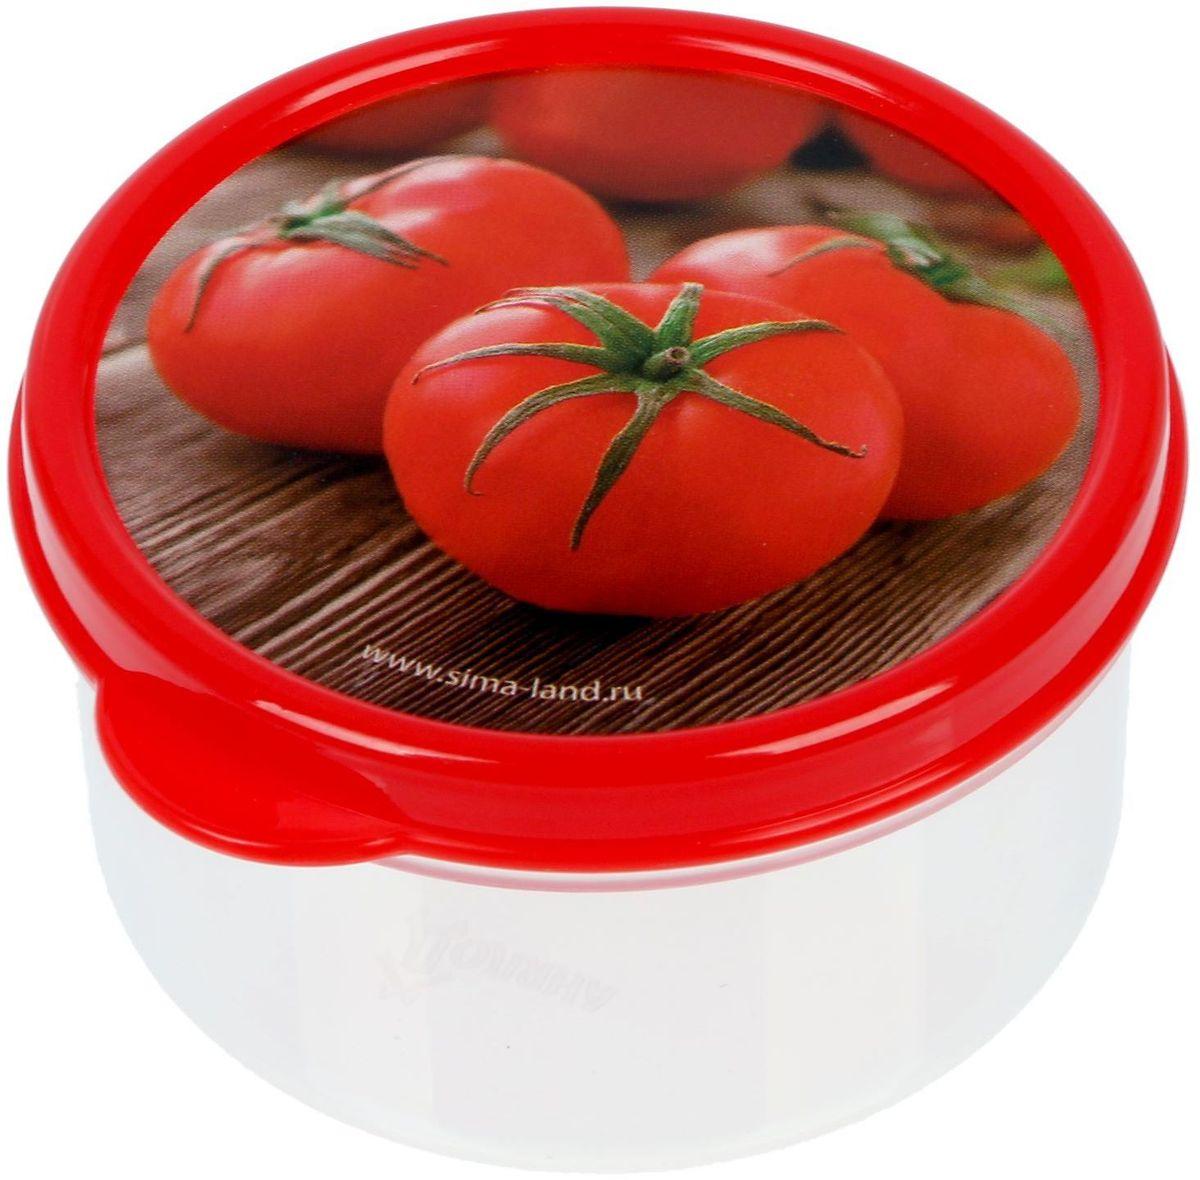 Ланч-бокс Доляна Томаты, круглый, 150 мл1333923Ланч-бокс Доляна изготовлен из прочного пищевого пластика. В комплекте прилагается крышка подходящего размера, которая плотно и надежно закрывается и упрощает процесс транспортировки. Такой контейнер является незаменимым предметом кухонной утвари, ведь у него много преимуществ: Простота ухода. Ланч-бокс достаточно промыть теплой водой с небольшим количеством чистящего средства. Вместительность. Изделие позволяет разместить разнообразные продукты от сахара до супов. Эргономичность. Ланч-боксы очень легко хранить даже в самой маленькой кухне, так как их можно поставить один в другой по принципу матрешки. Многофункциональность. Он пригодится, если после вкусного обеда осталась еда, а насладиться трапезой хочется и на следующий день. Можно использовать не только на кухне, но и для хранения различных бытовых предметов, а также брать с собой еду на работу или учебу. Не использовать пластиковые контейнеры в духовых шкафах и на открытом огне, а также не разогревать в микроволновых печах при закрытой крышке ланч-бокса.